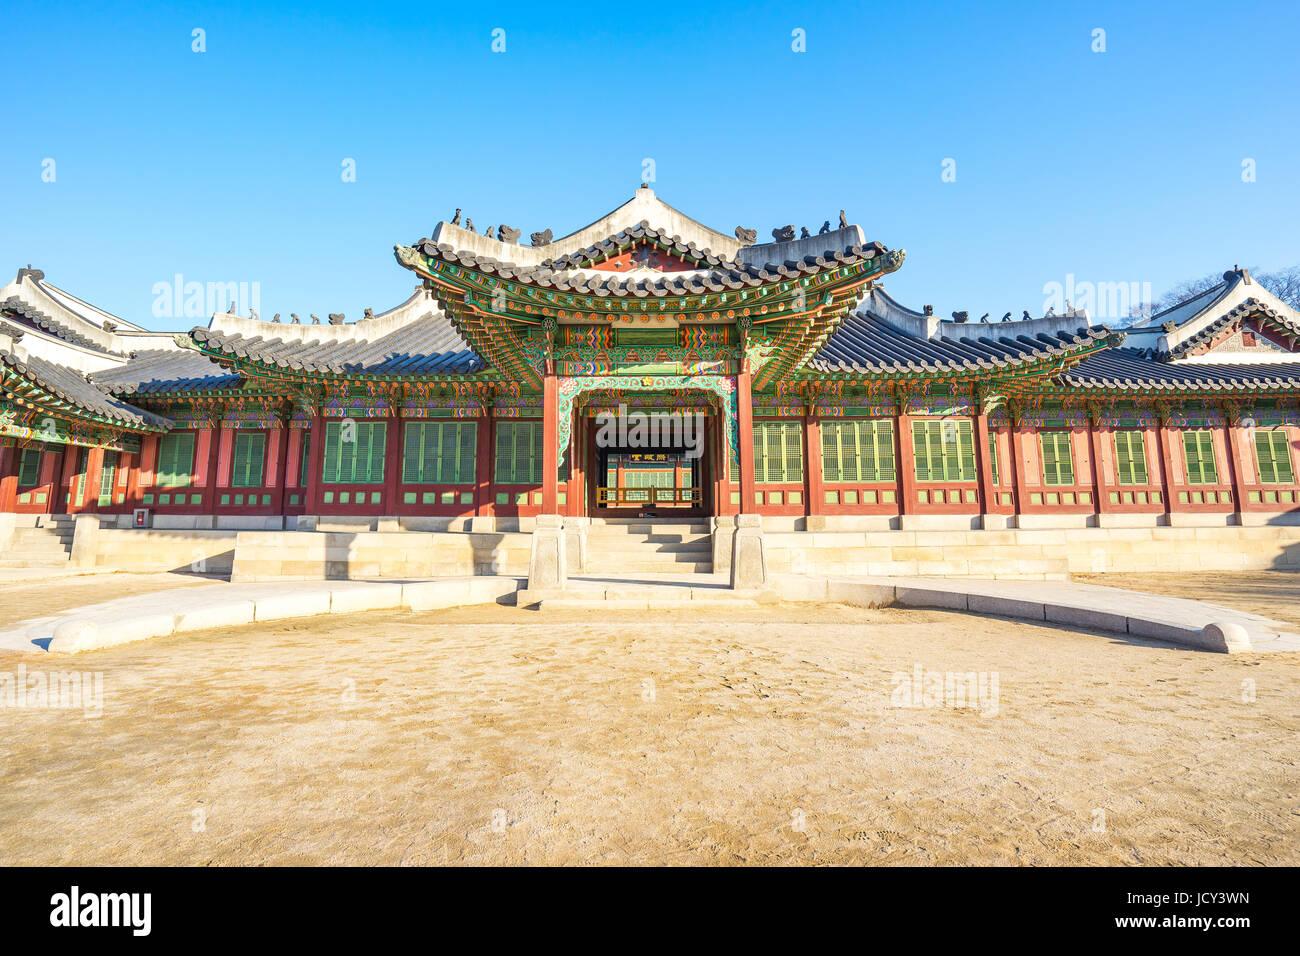 Il Palazzo di Changdeok a Seoul, in Corea del Sud. Immagini Stock